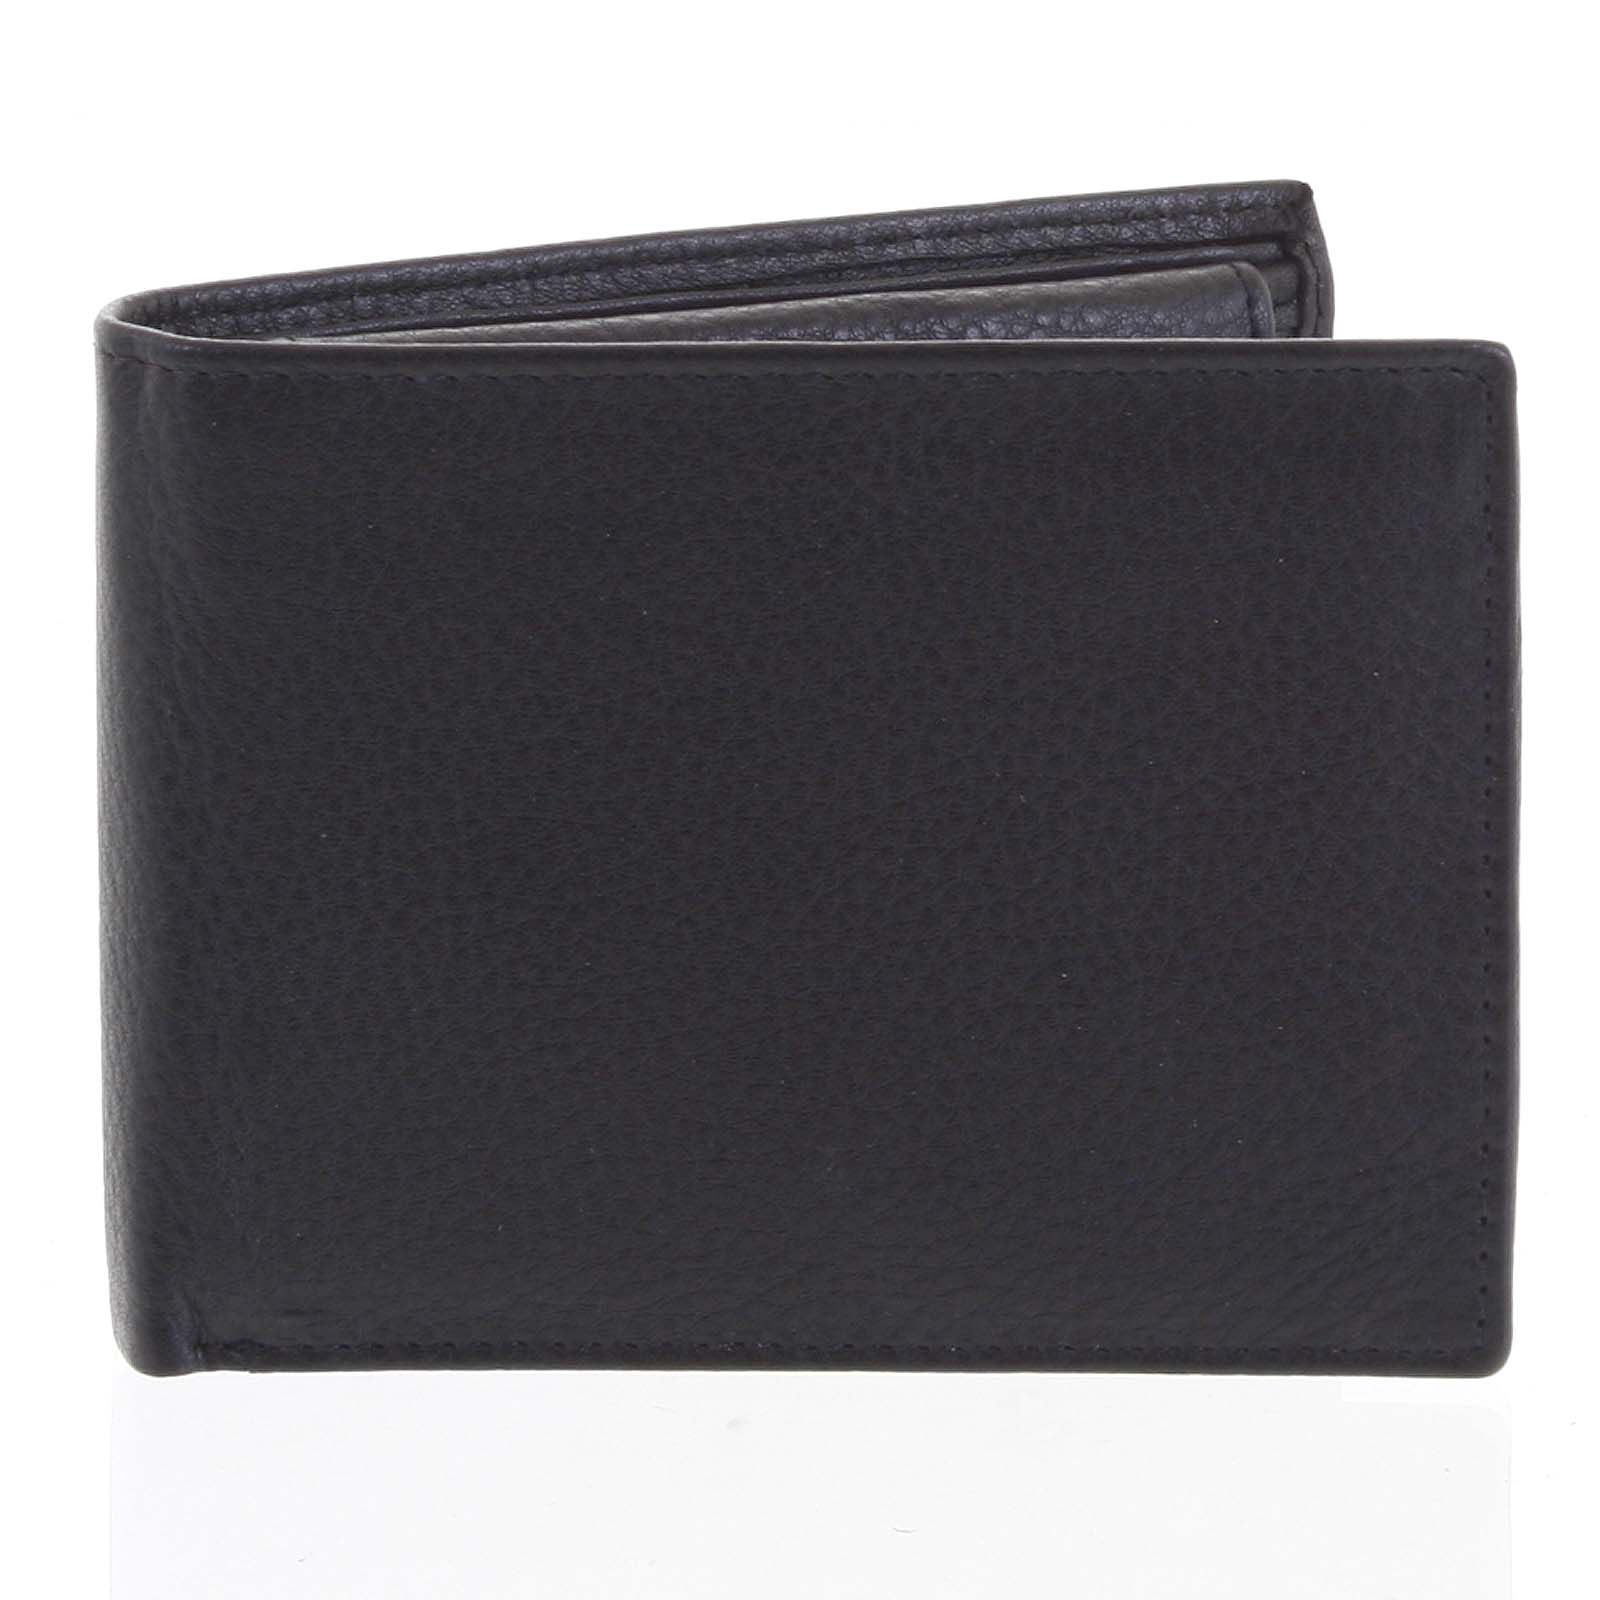 Pánská kožená peněženka černá - Tomas Bushel